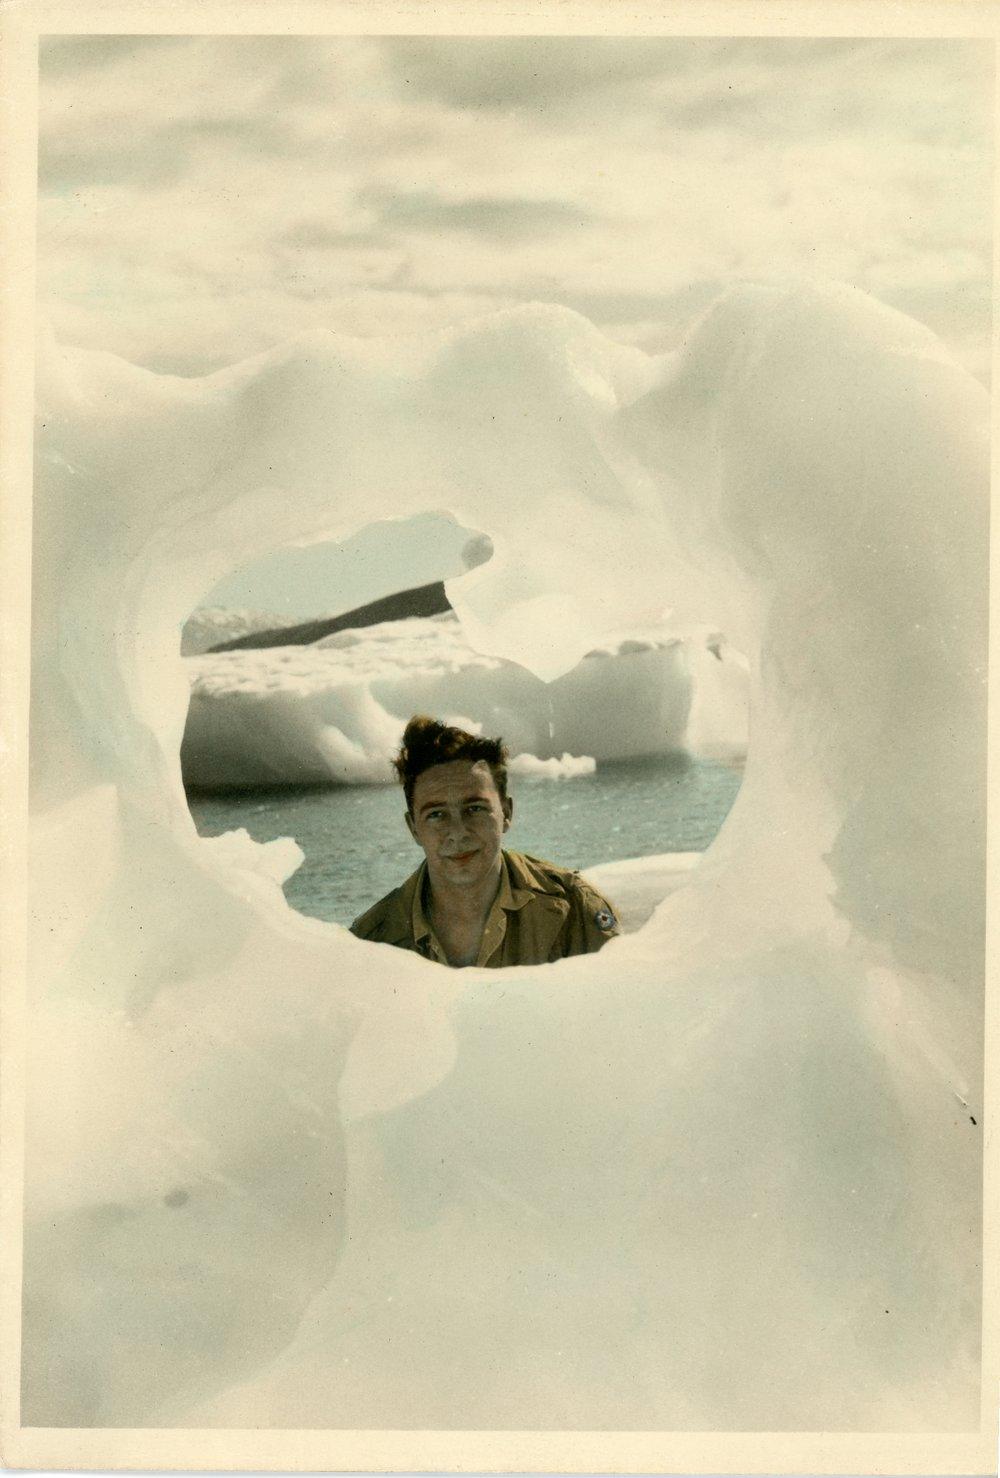 James William Halvangis (1920-1973)